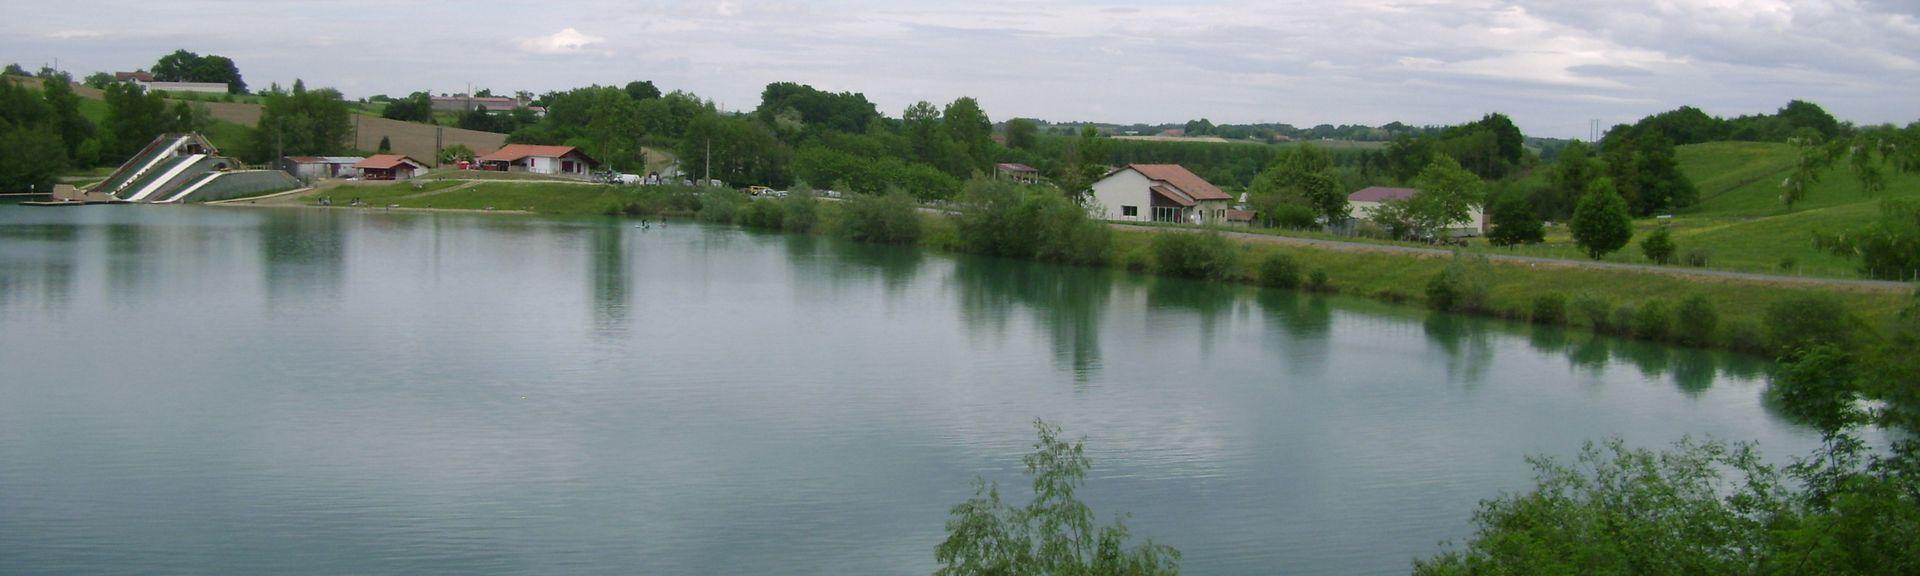 Labastide-Villefranche, Pyrenees-Atlantiques, France